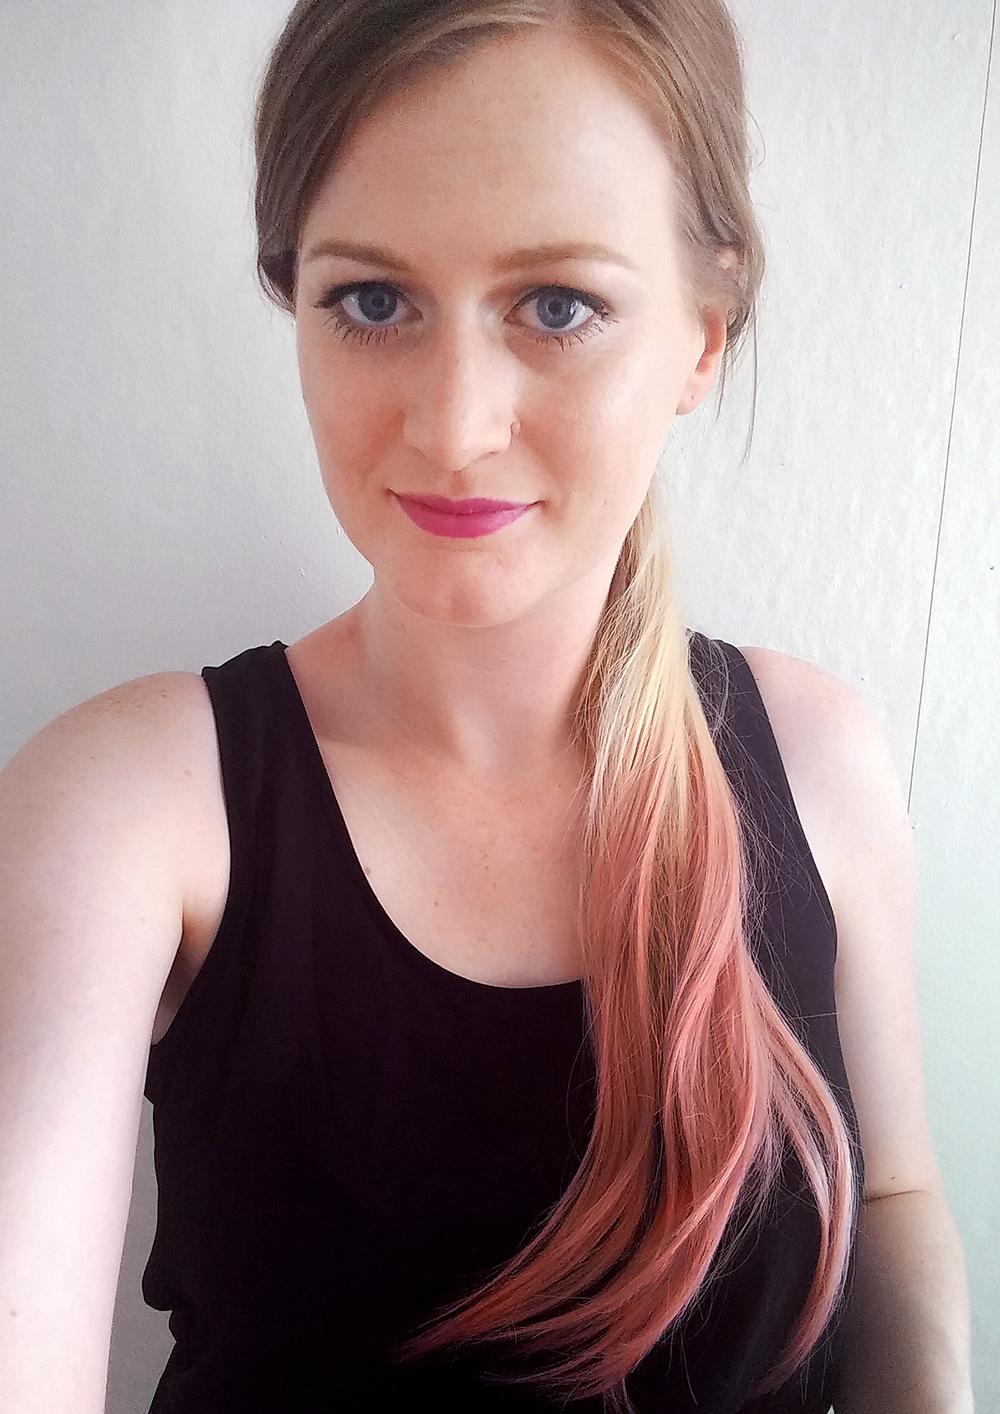 balmain catwalk ponytail foto voorkant kleiner